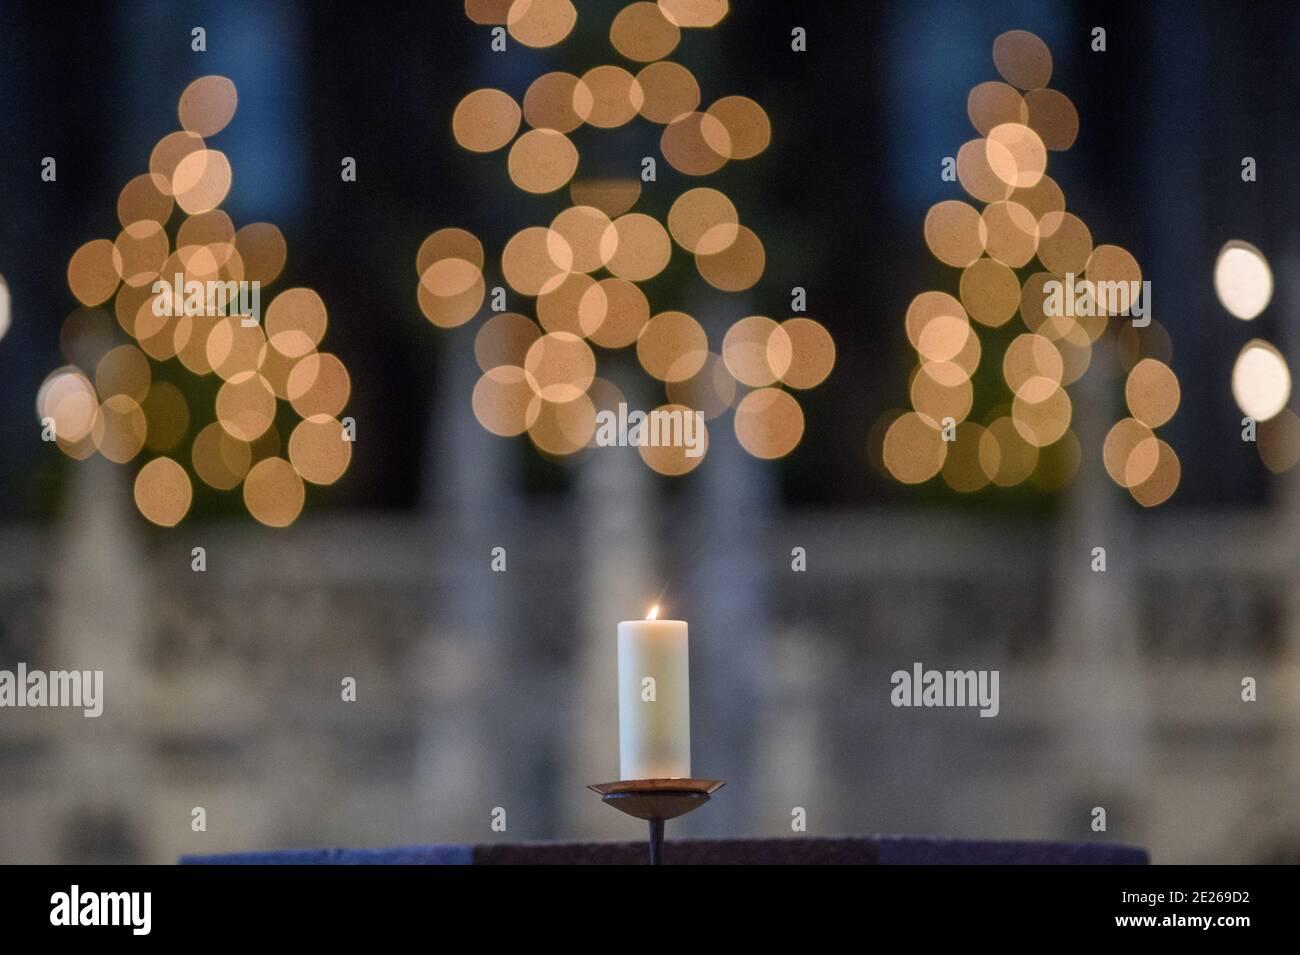 """06 de enero de 2021, Sajonia-Anhalt, Magdeburg: Una vela arde en la Catedral de San Mauricio y Catalina en Magdeburg. Debido a la propagación del coronavirus, solo 100 participantes fueron permitidos para el servicio. Epifanía es una fiesta de la iglesia muy antigua y se celebra el 6 de enero. La palabra, derivada del griego, significa """"apariencia"""" y se refiere a la aparición de Dios en el mundo con el nacimiento de Cristo. En Sajonia-Anhalt, el 6 de enero es una fiesta pública. En la Iglesia Católica, el 6 de enero se celebra como """"Epifanía"""" o el día de los tres Reyes. Foto: Klaus-Dietmar Gabbert/dpa-Zentralbild/ZB Foto de stock"""